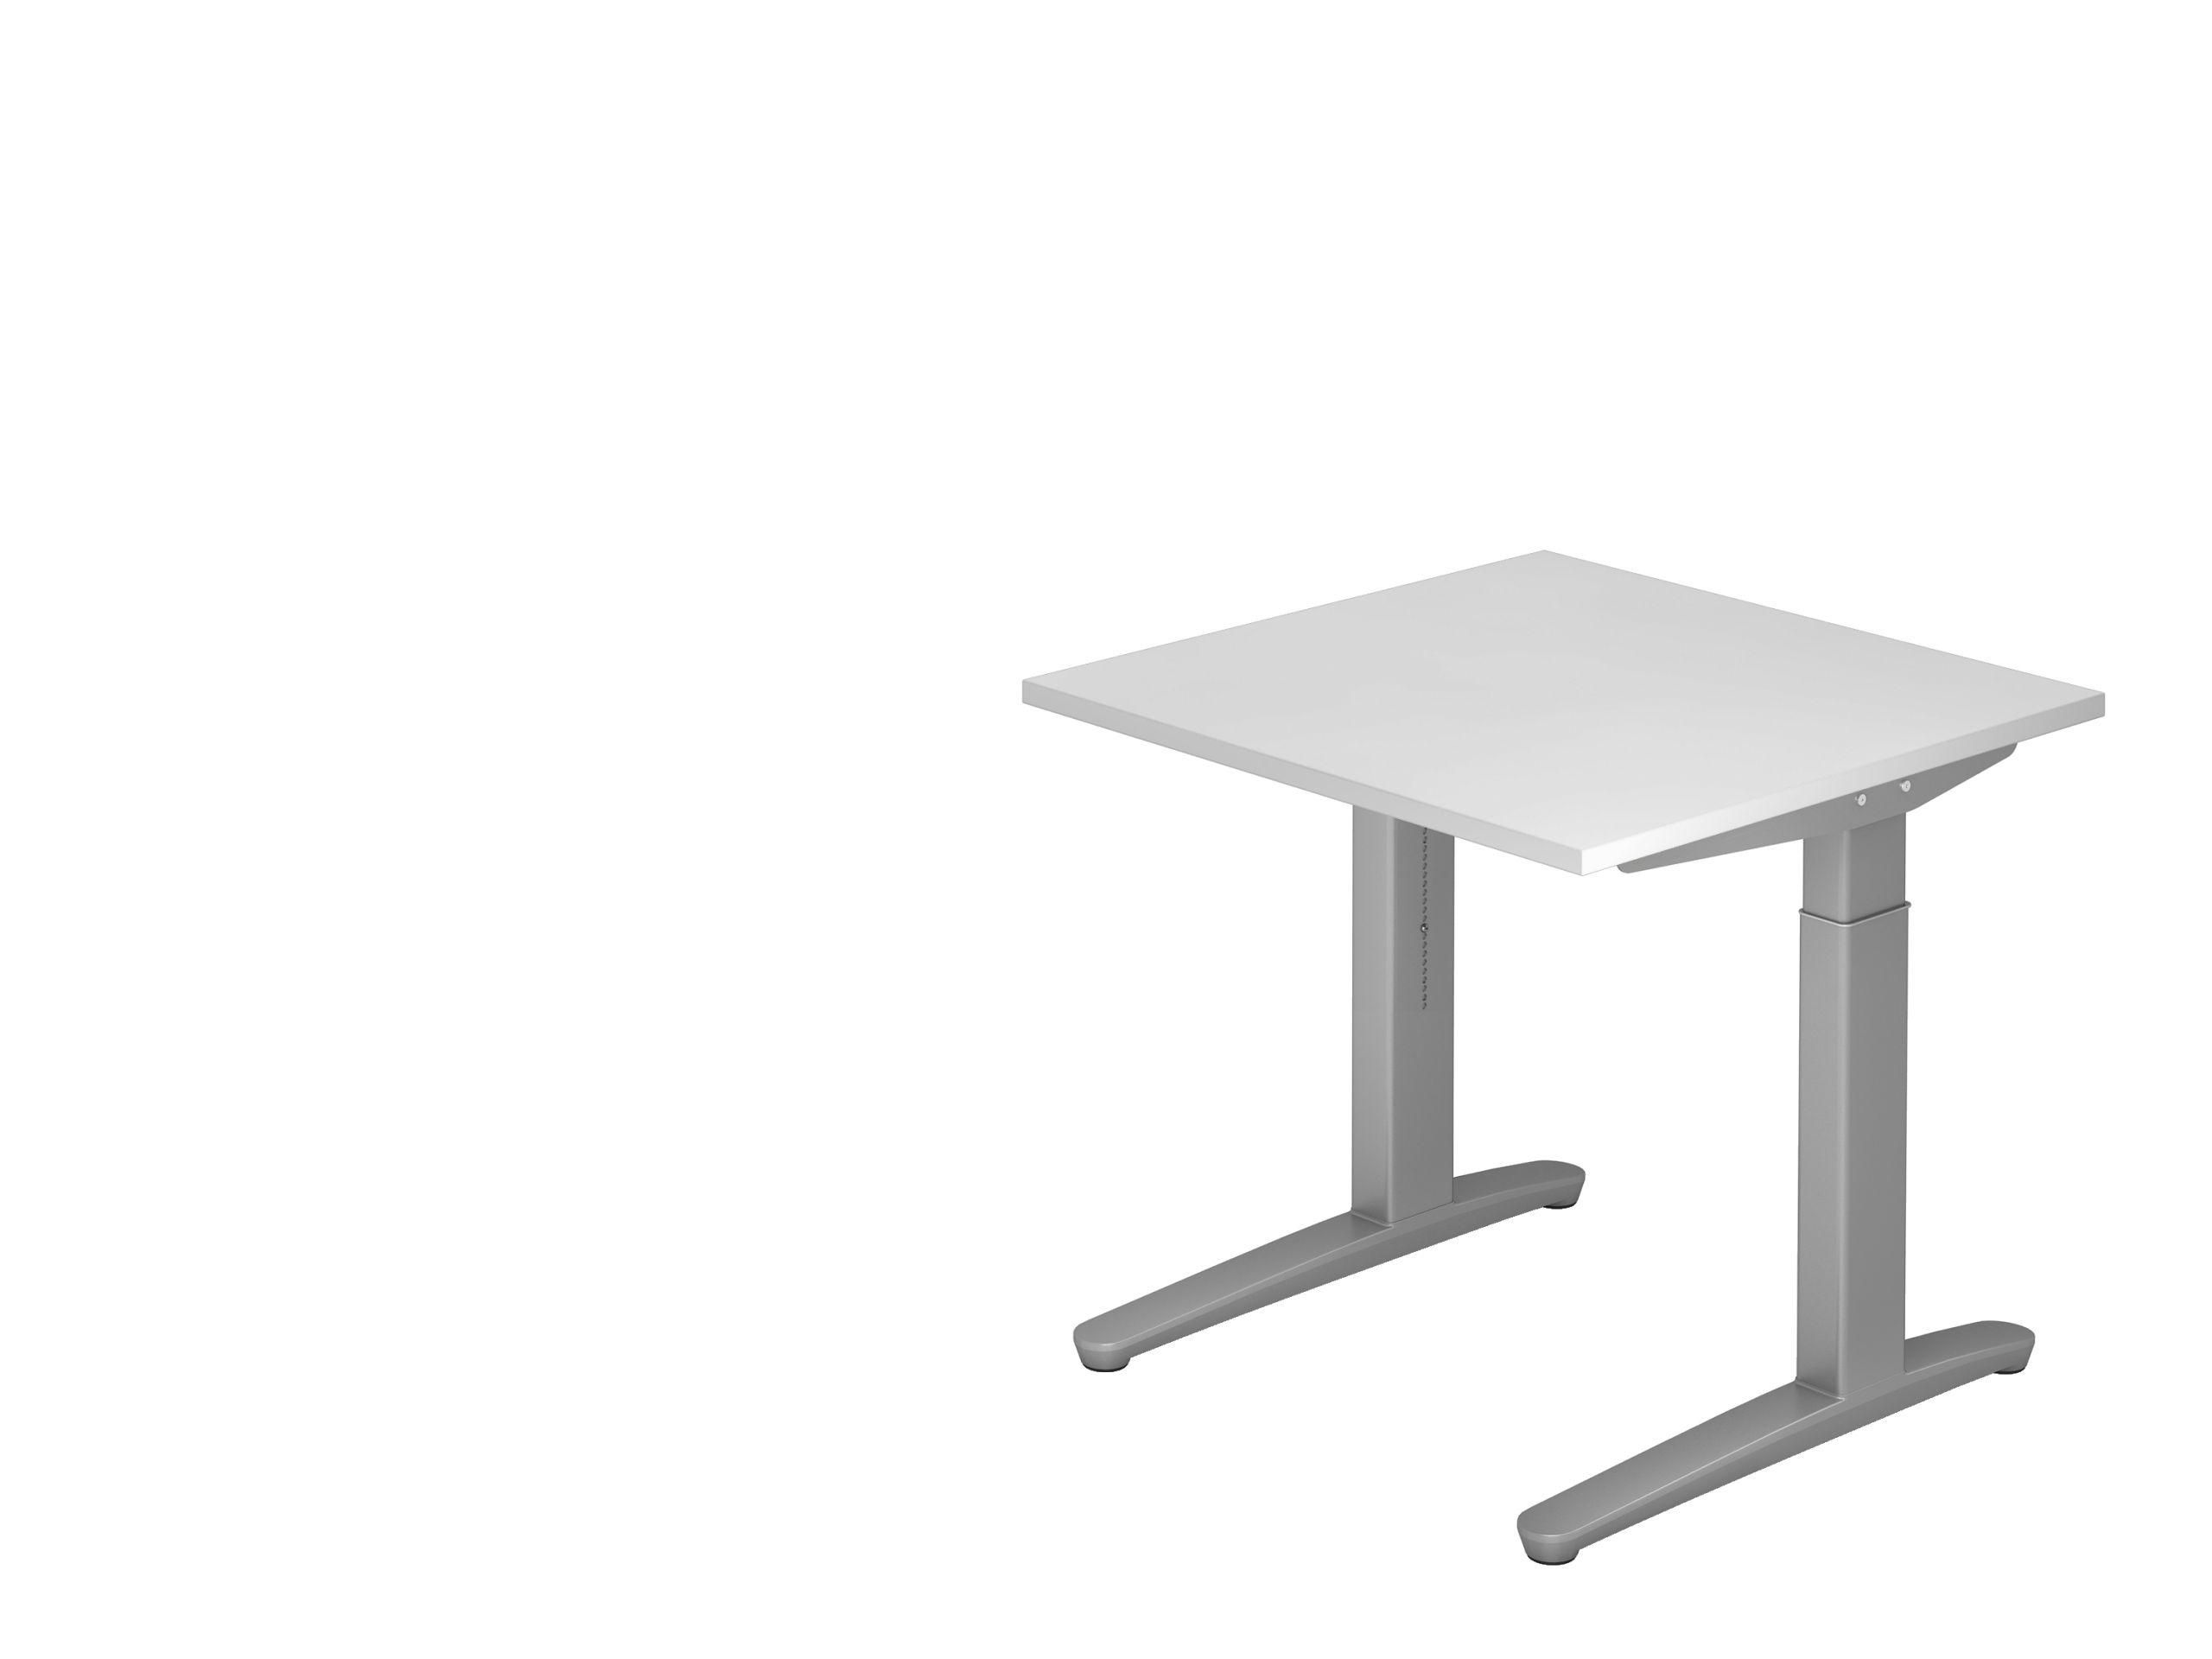 VXB08 Schreibtisch 80 x 80 bmv bueromoebel hoehenverstellbar ergonoimie nachhaltig amberg sulzbach tisch umbau schnelle lieferung 48 h 28